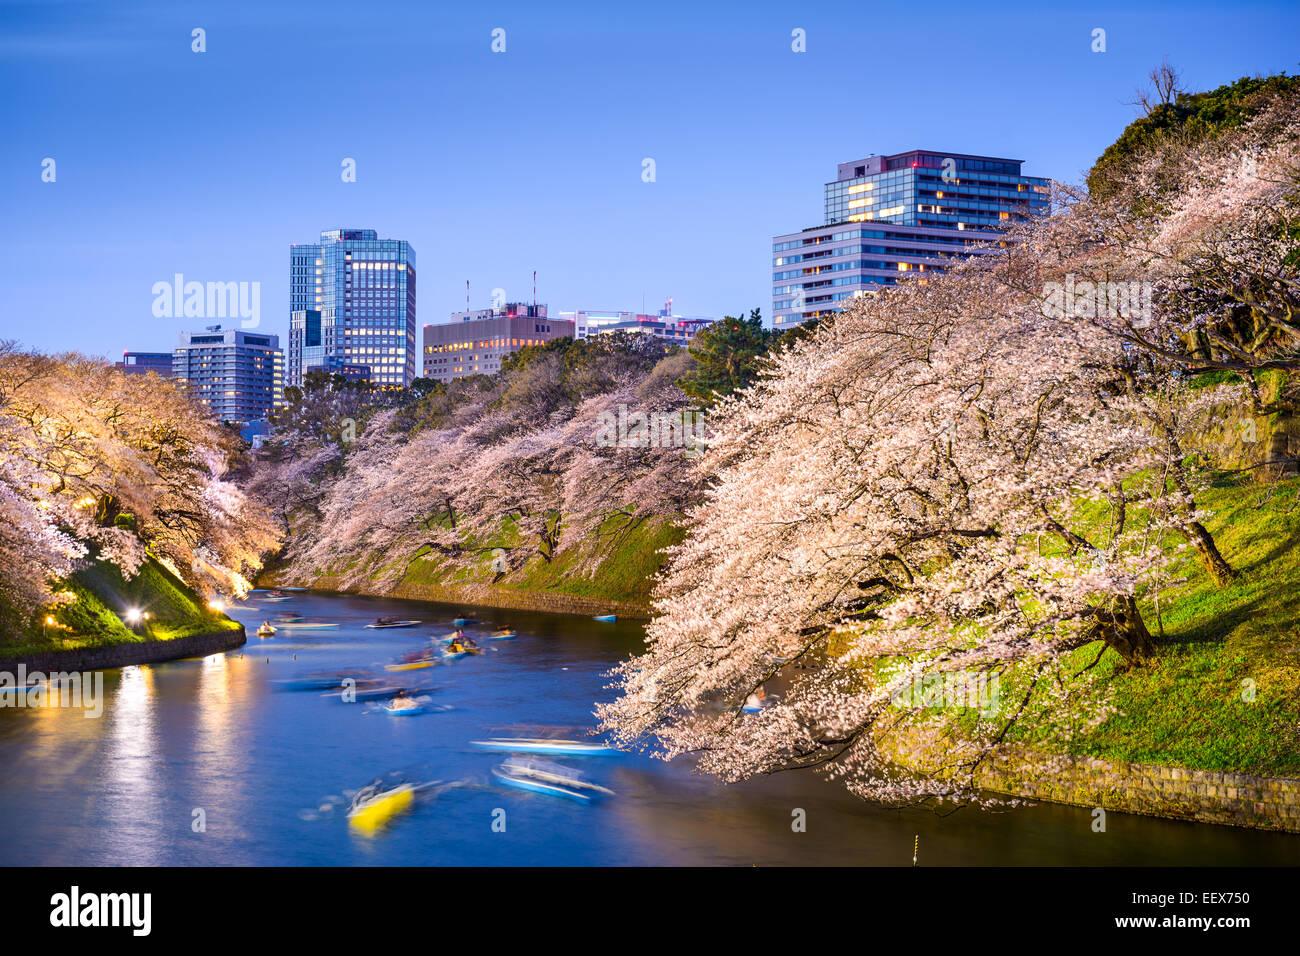 Tokyo, Japan at Chidorigafuchi Imperial Palace moat during the spring season. - Stock Image